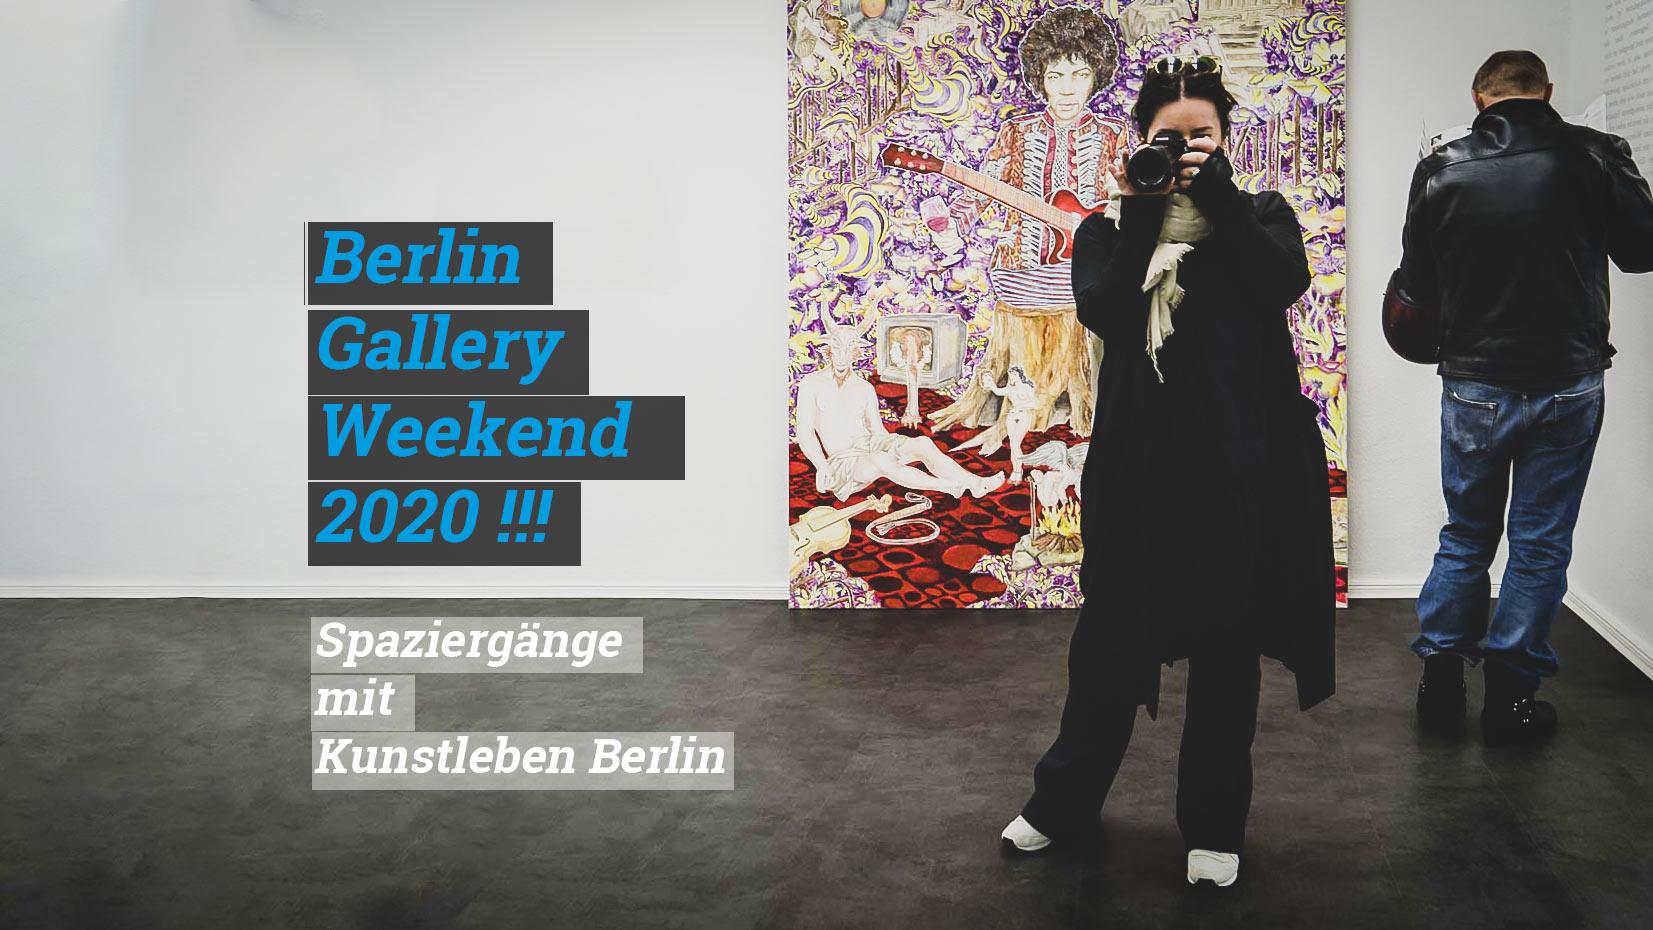 kunstspaziergänge Gallery Weekend 2020 Kunstleben Berlin